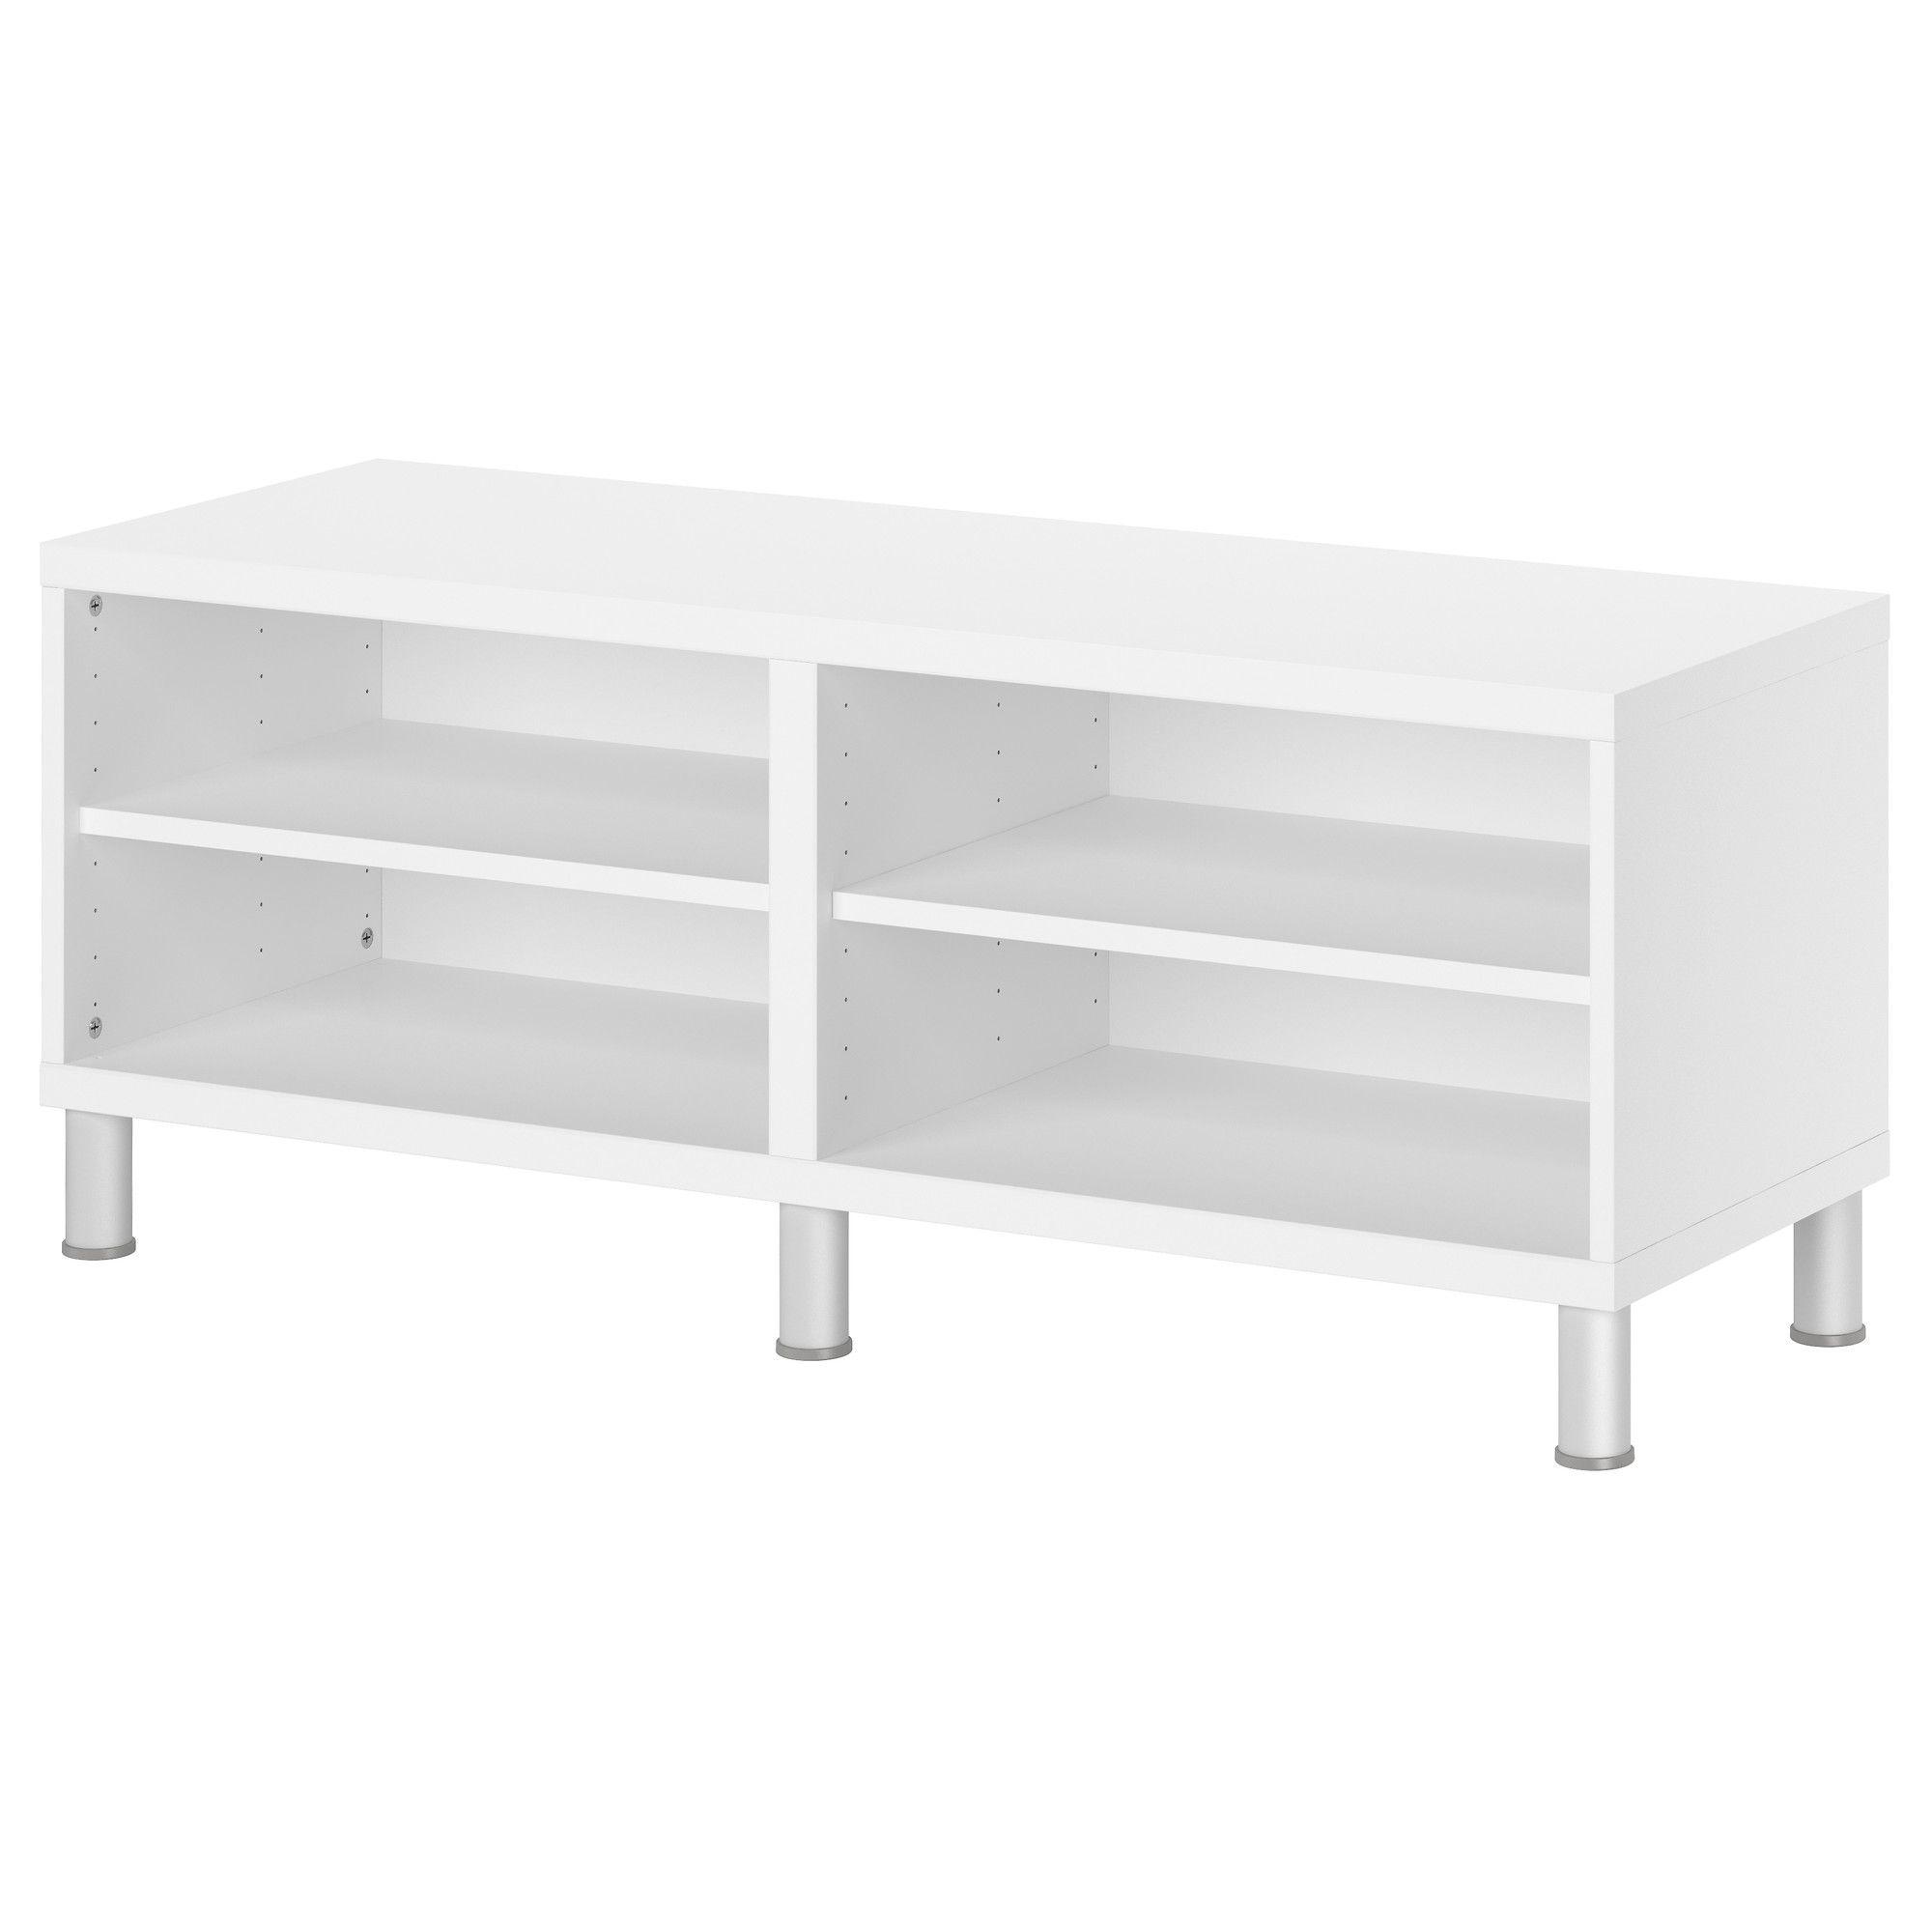 ca8553f0ff438de77491485f591e4737 Impressionnant De Table Ikea Blanche Schème